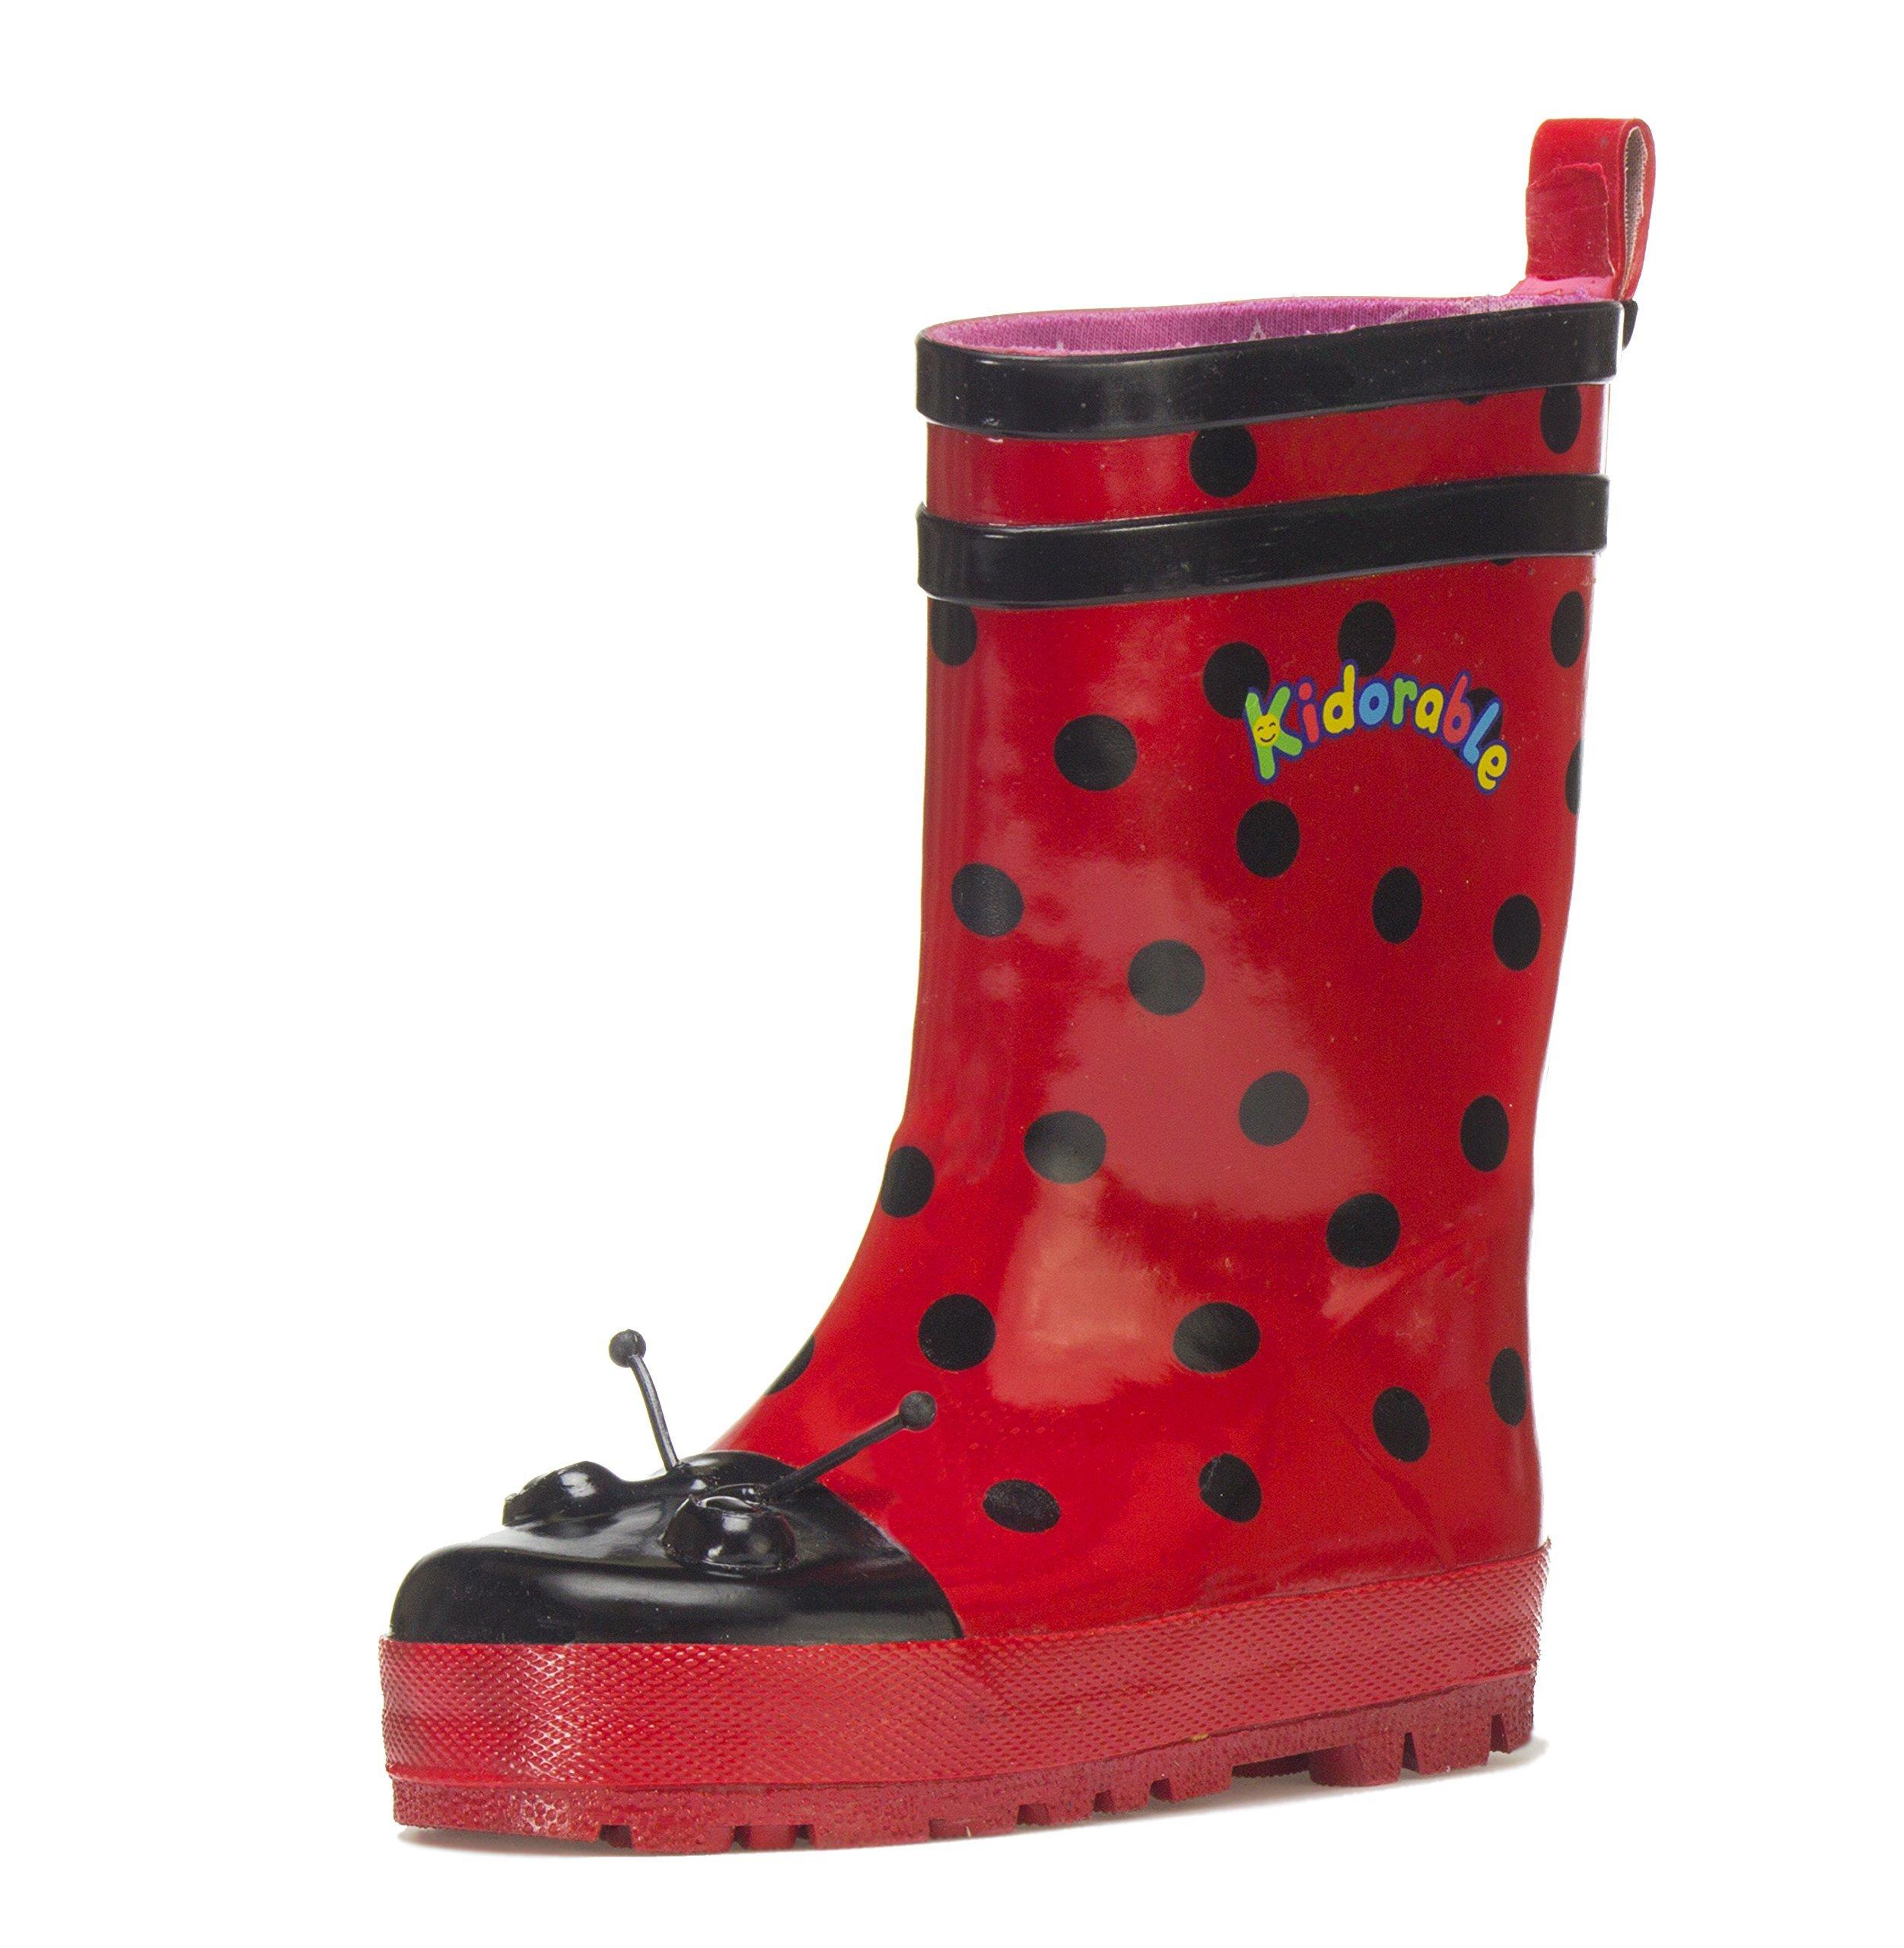 Kidorable Ladybug Rainboots, 8 Toddler